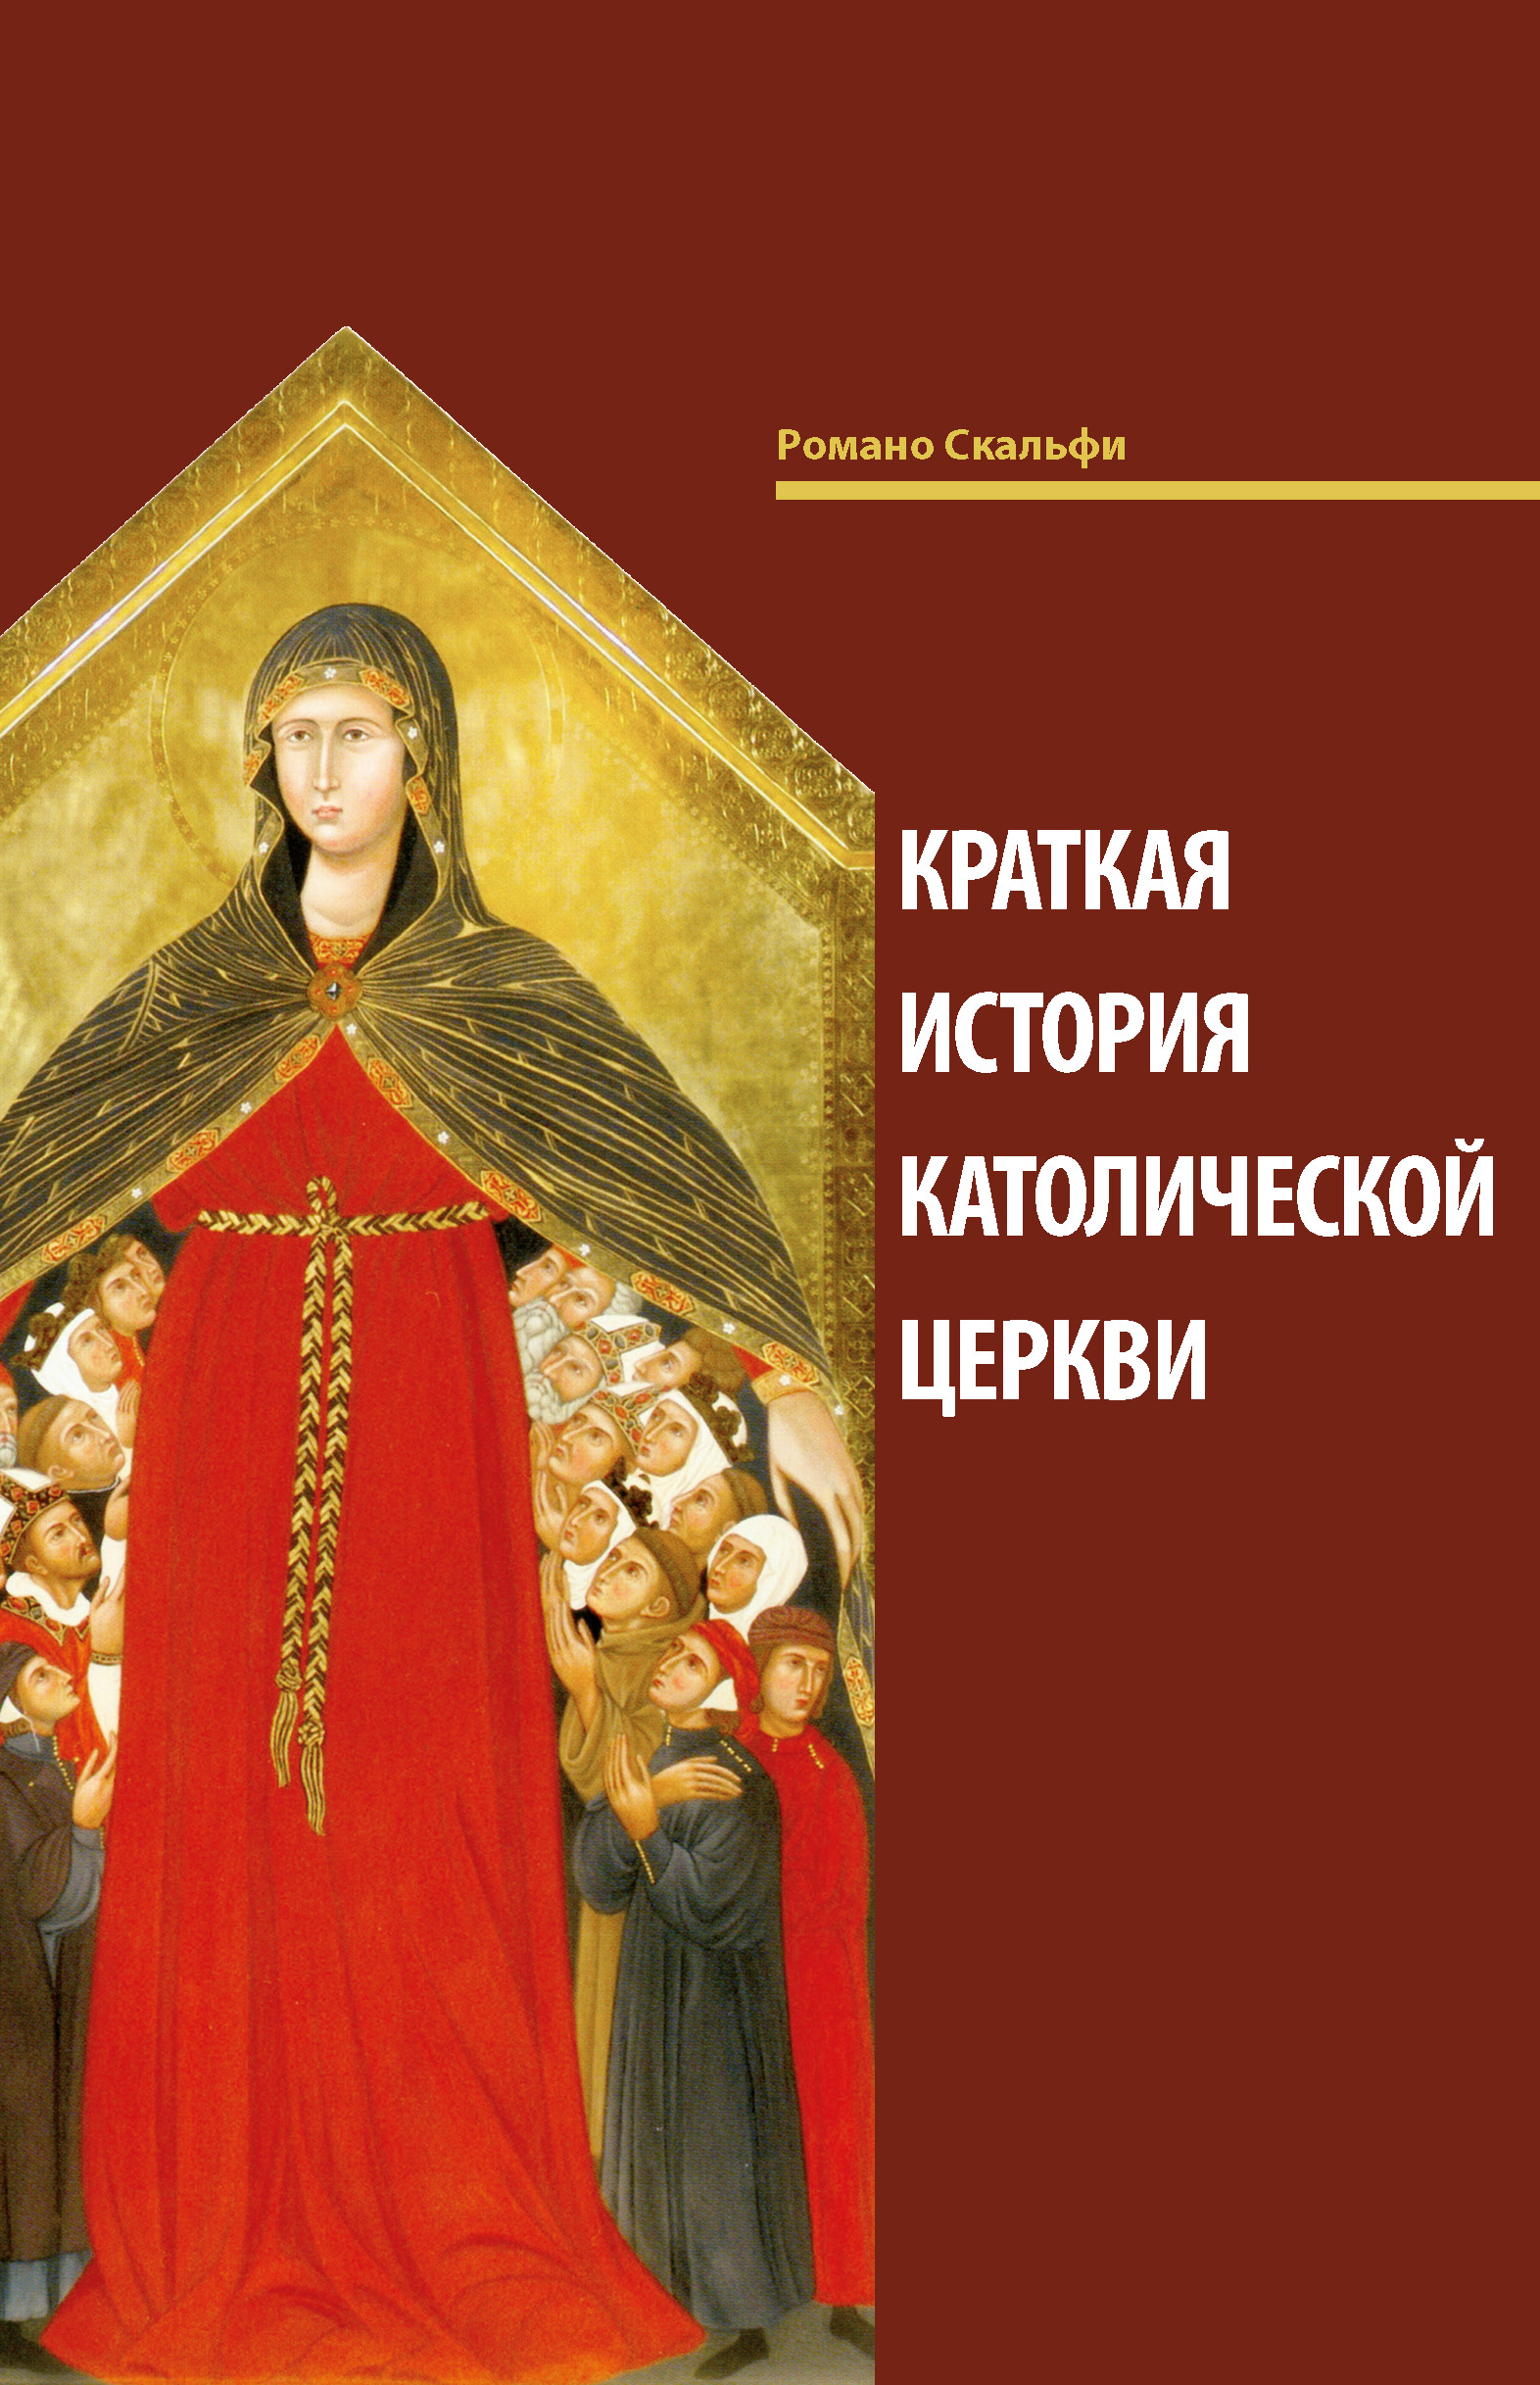 Краткая история Католической Церкви ( Романо Скальфи  )